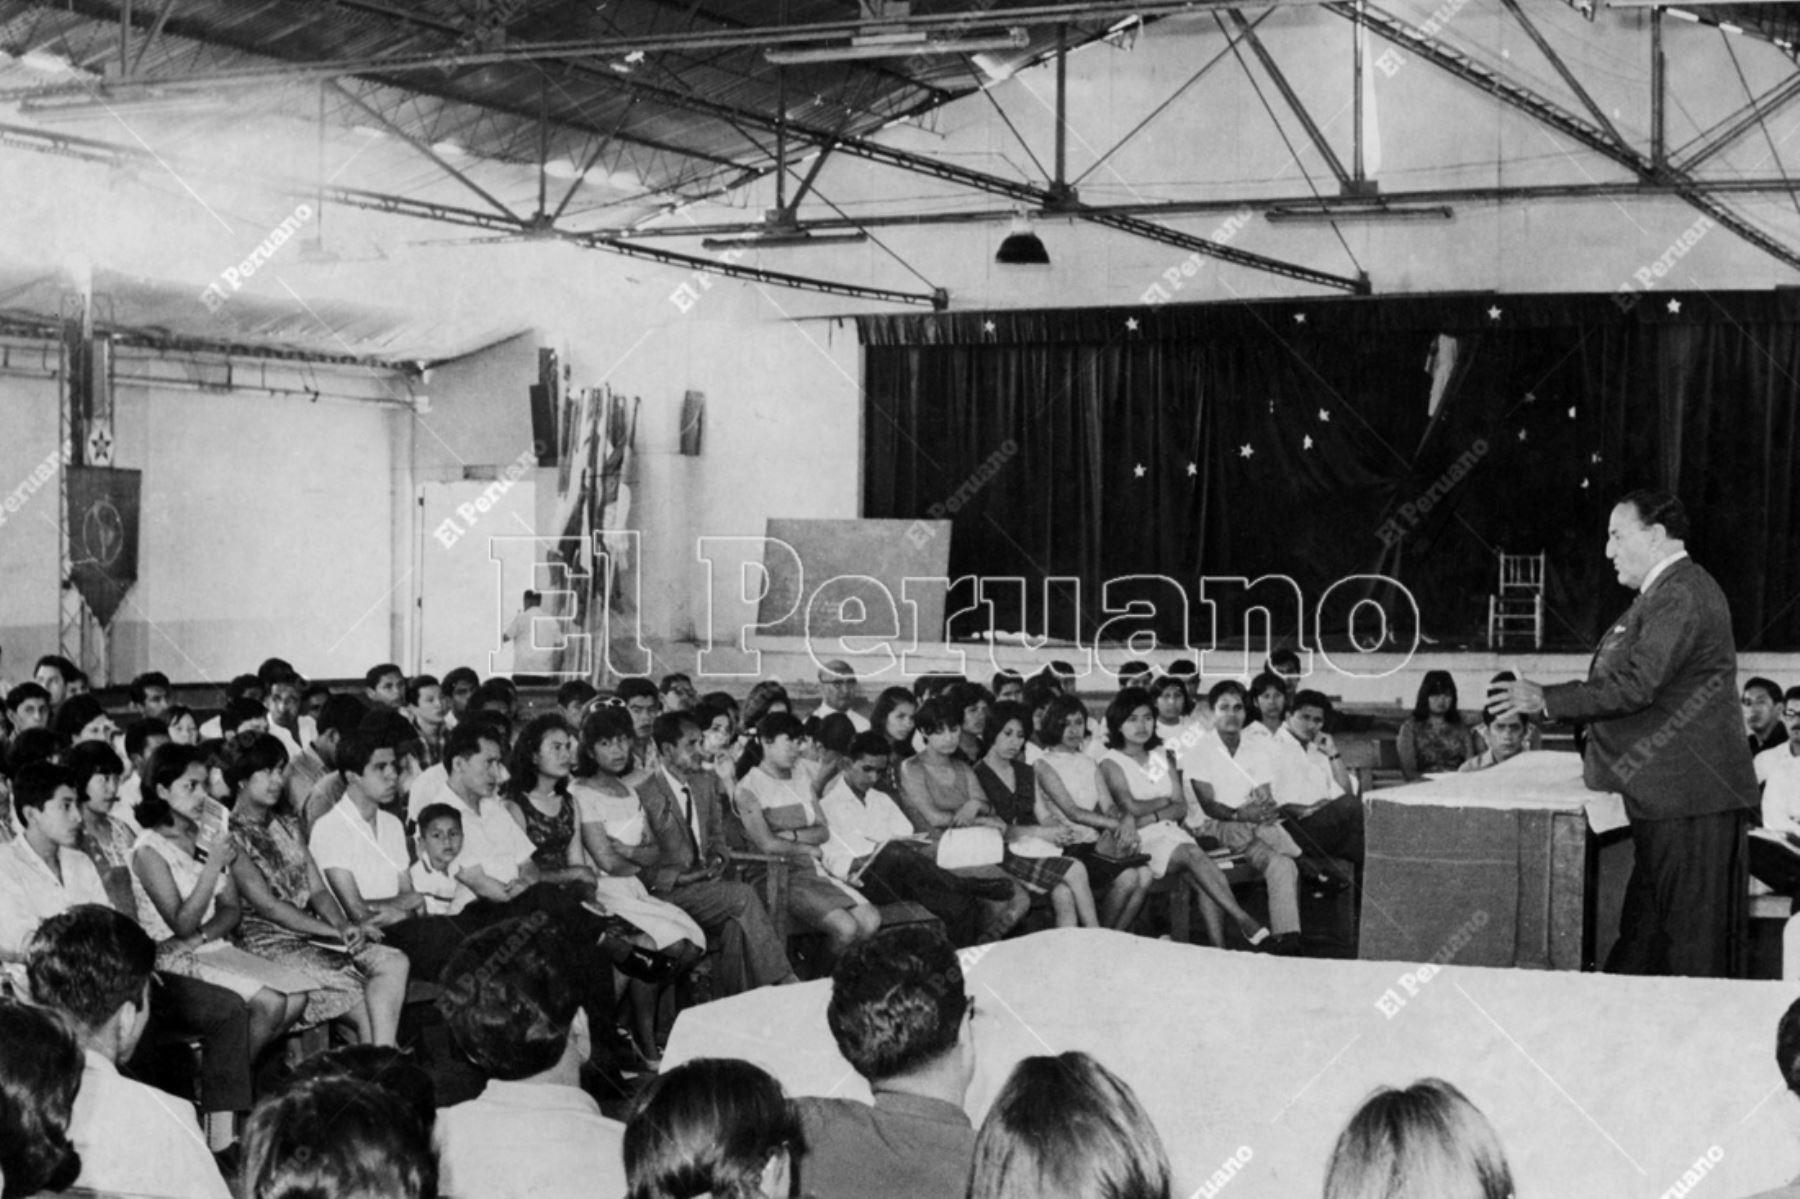 Lima - 19 enero 1968 / Víctor Raúl Haya de la Torre inaugura el Plenario Nacional del Partido Aprista Peruano en la Casa del Pueblo.  Foto: Archivo Histórico de El Peruano